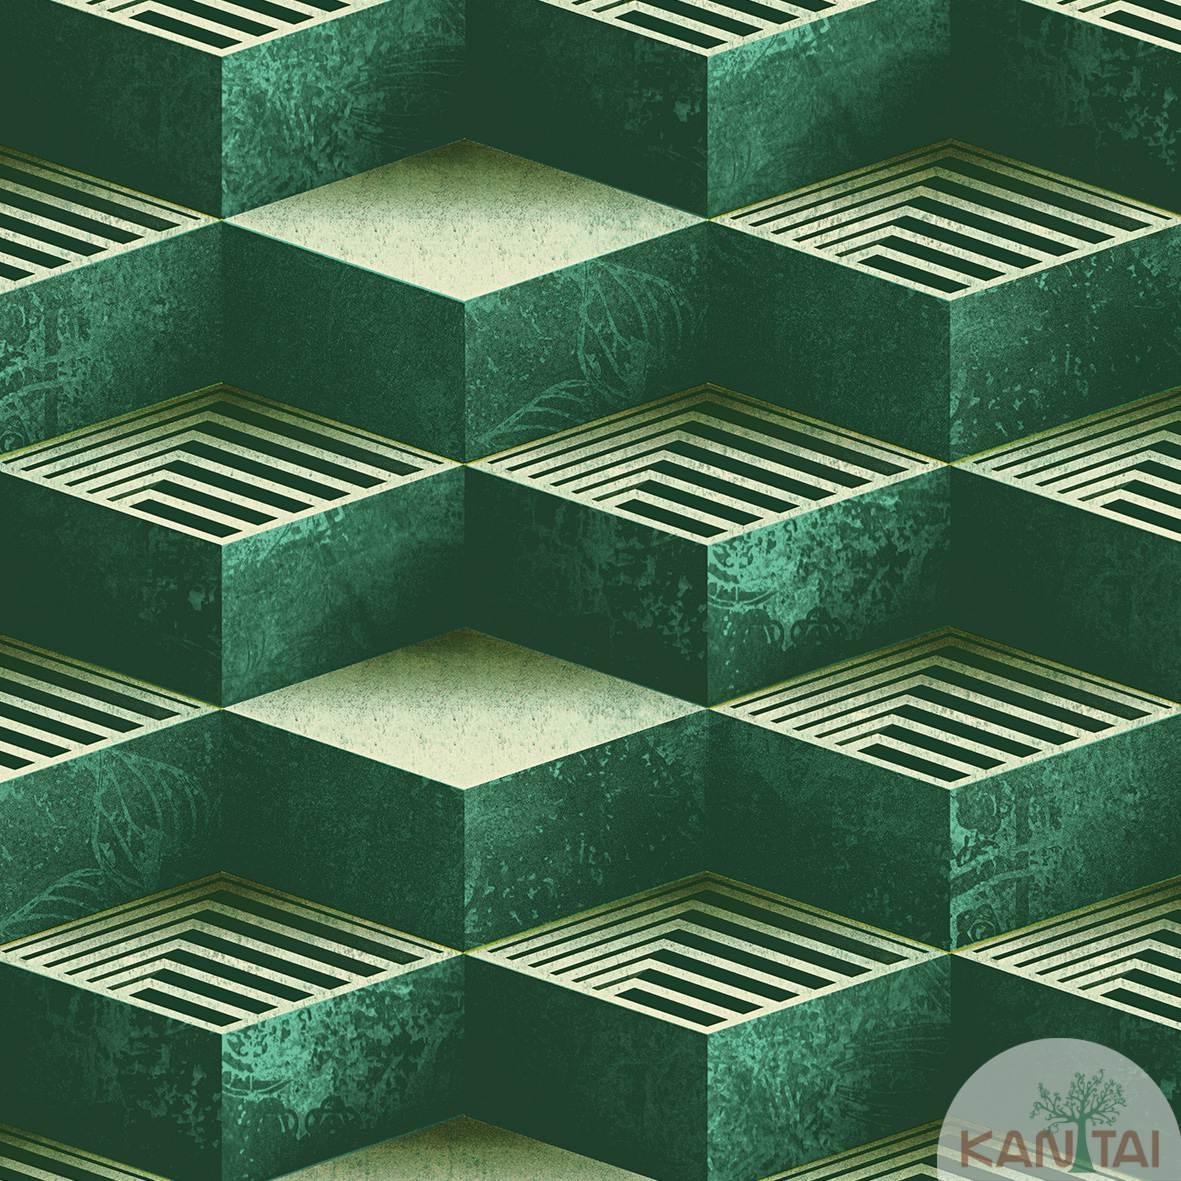 Papel de Parede  Kan Tai  Vinilico Coleção Neonature III Geométrico Dourado, Bege, Azul